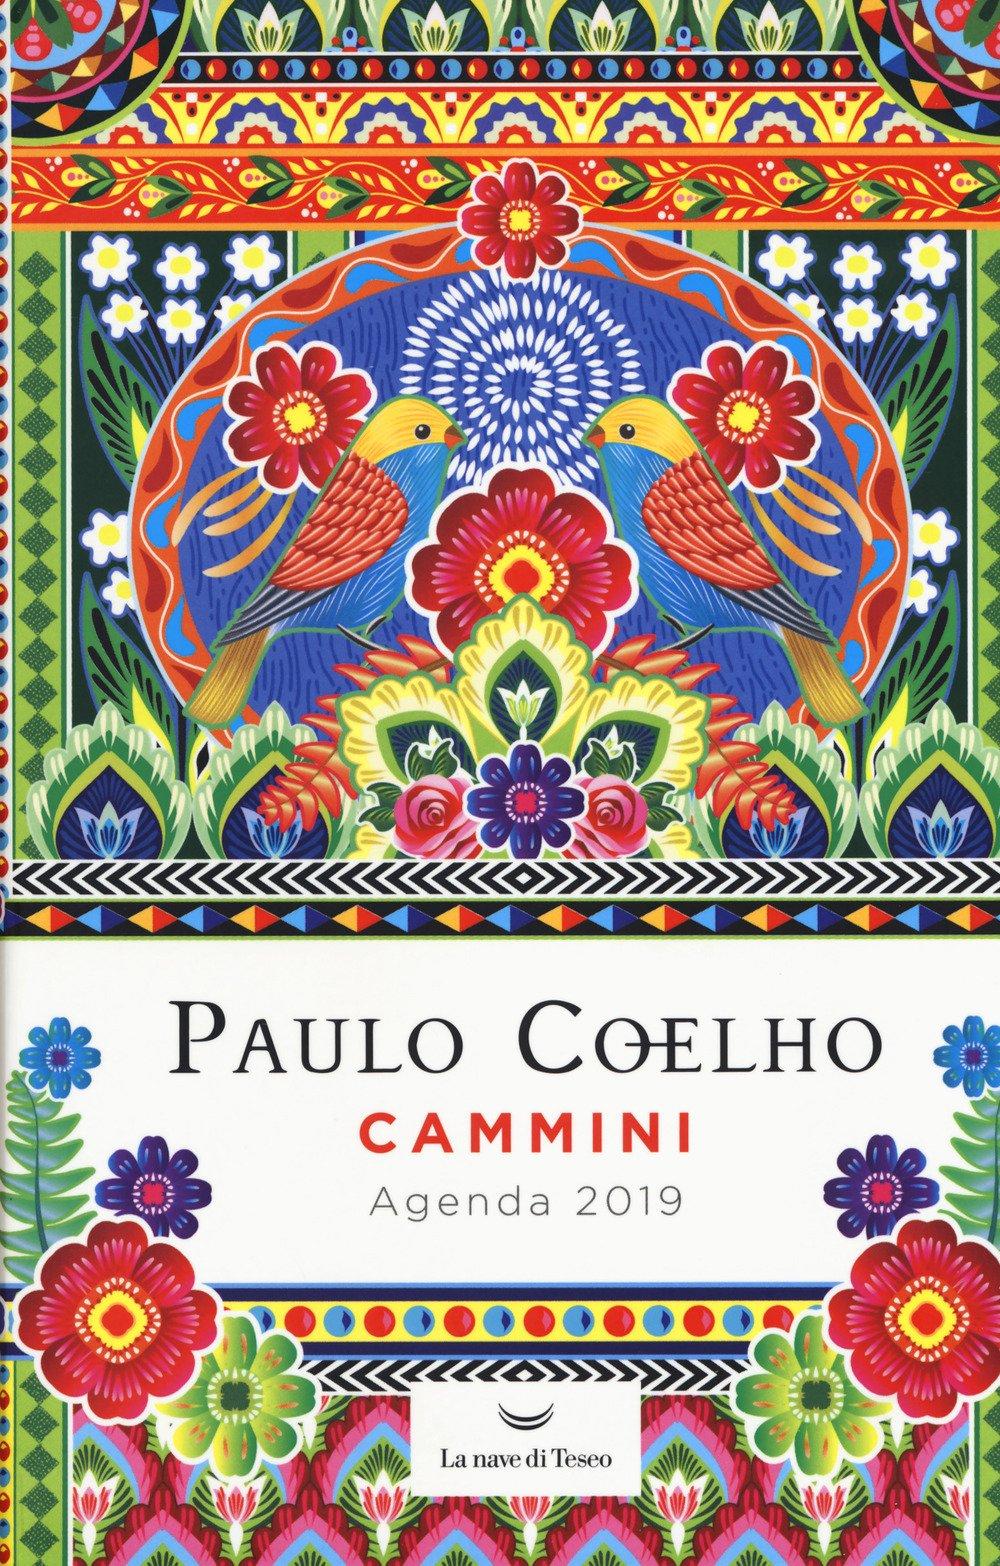 Cammini. Agenda 2019: Paulo Coelho: 9788893445535: Amazon ...